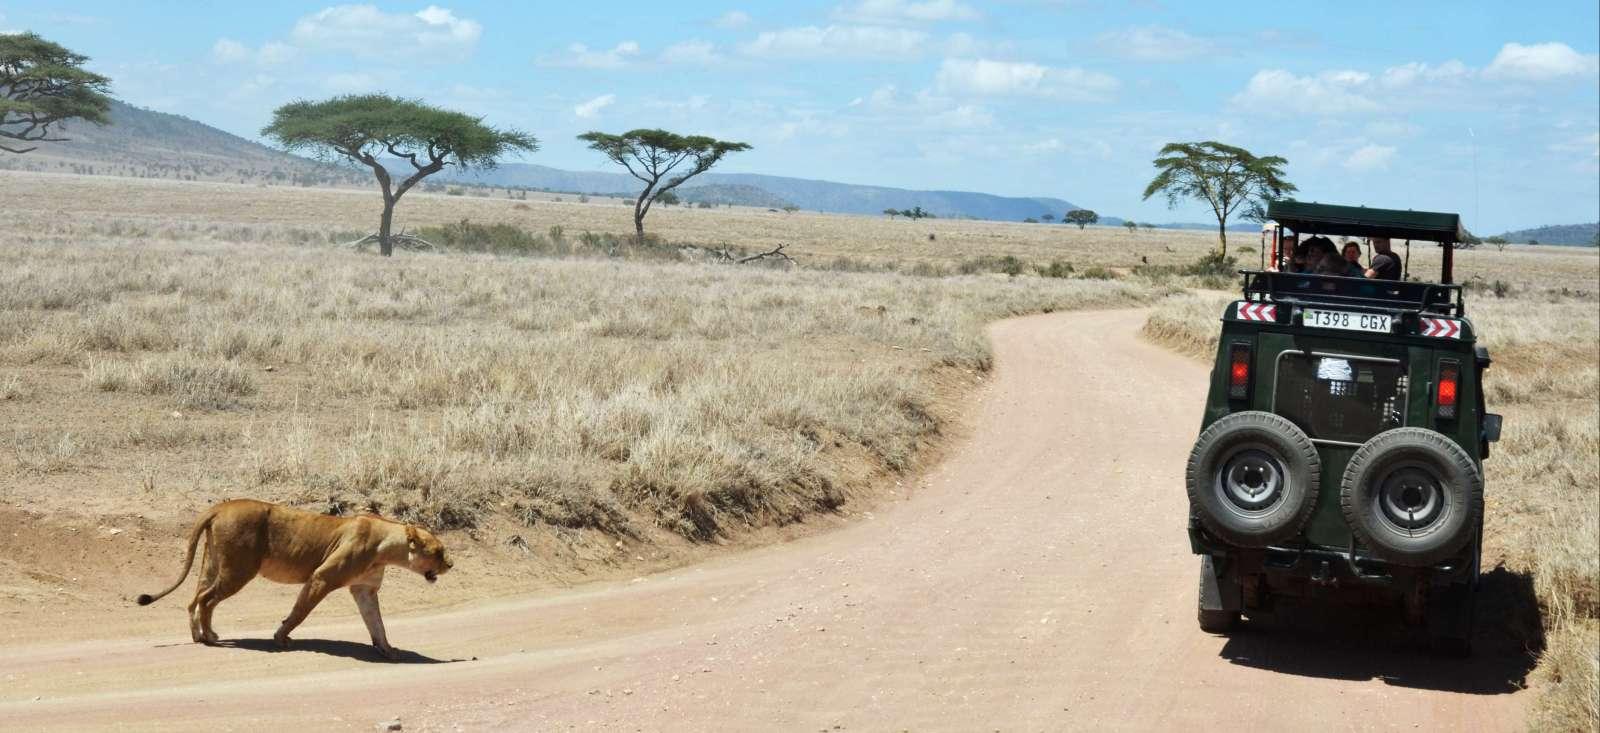 Voyage avec des animaux Tanzanie : Les grands safaris de Tanzanie